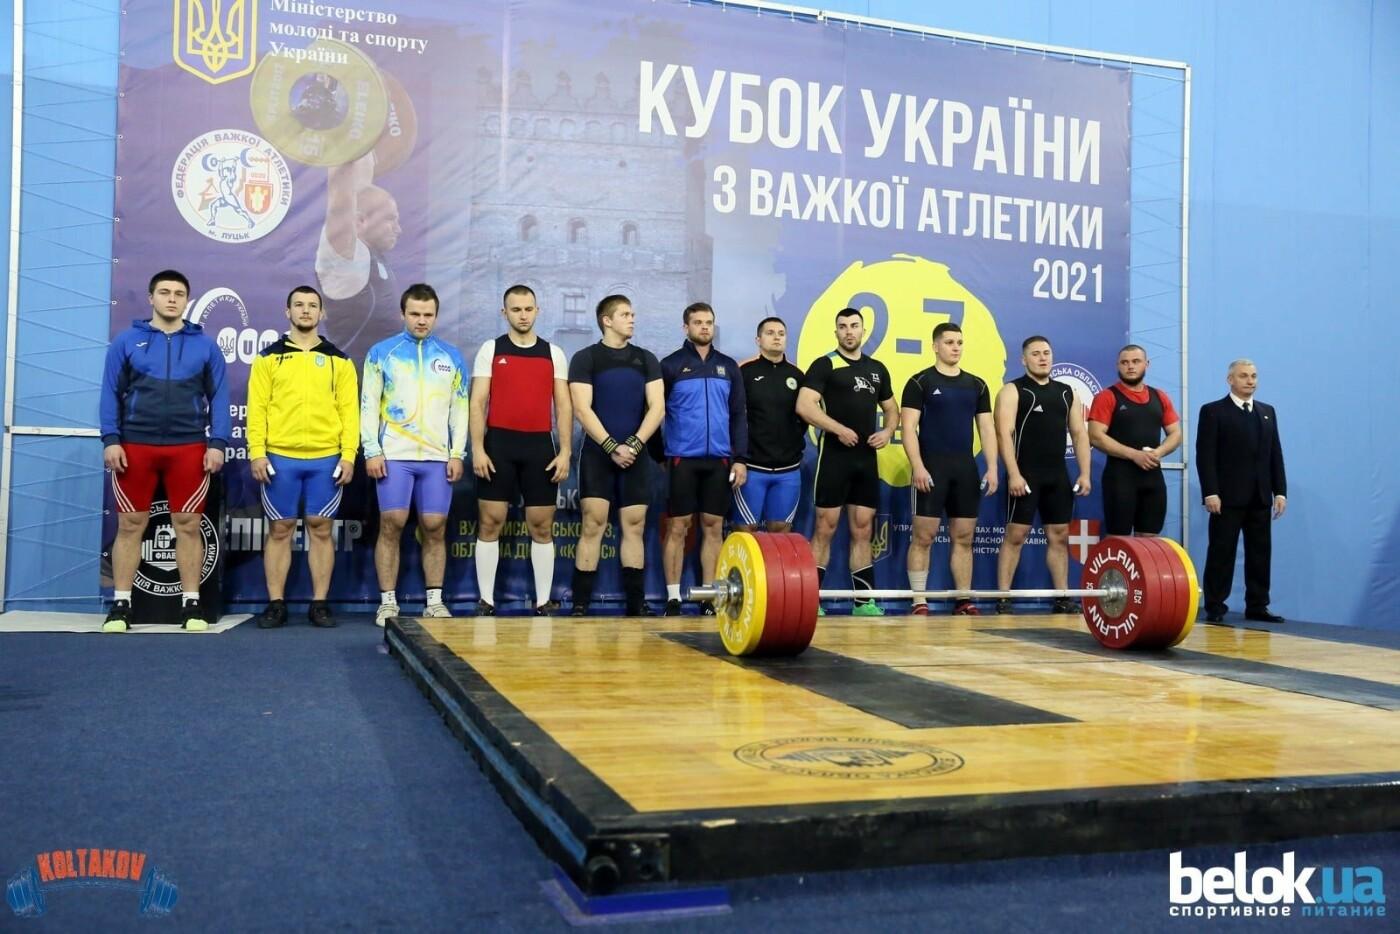 Випускники кам'янецького вишу завоювали Кубок України з важкої атлетики , фото-1